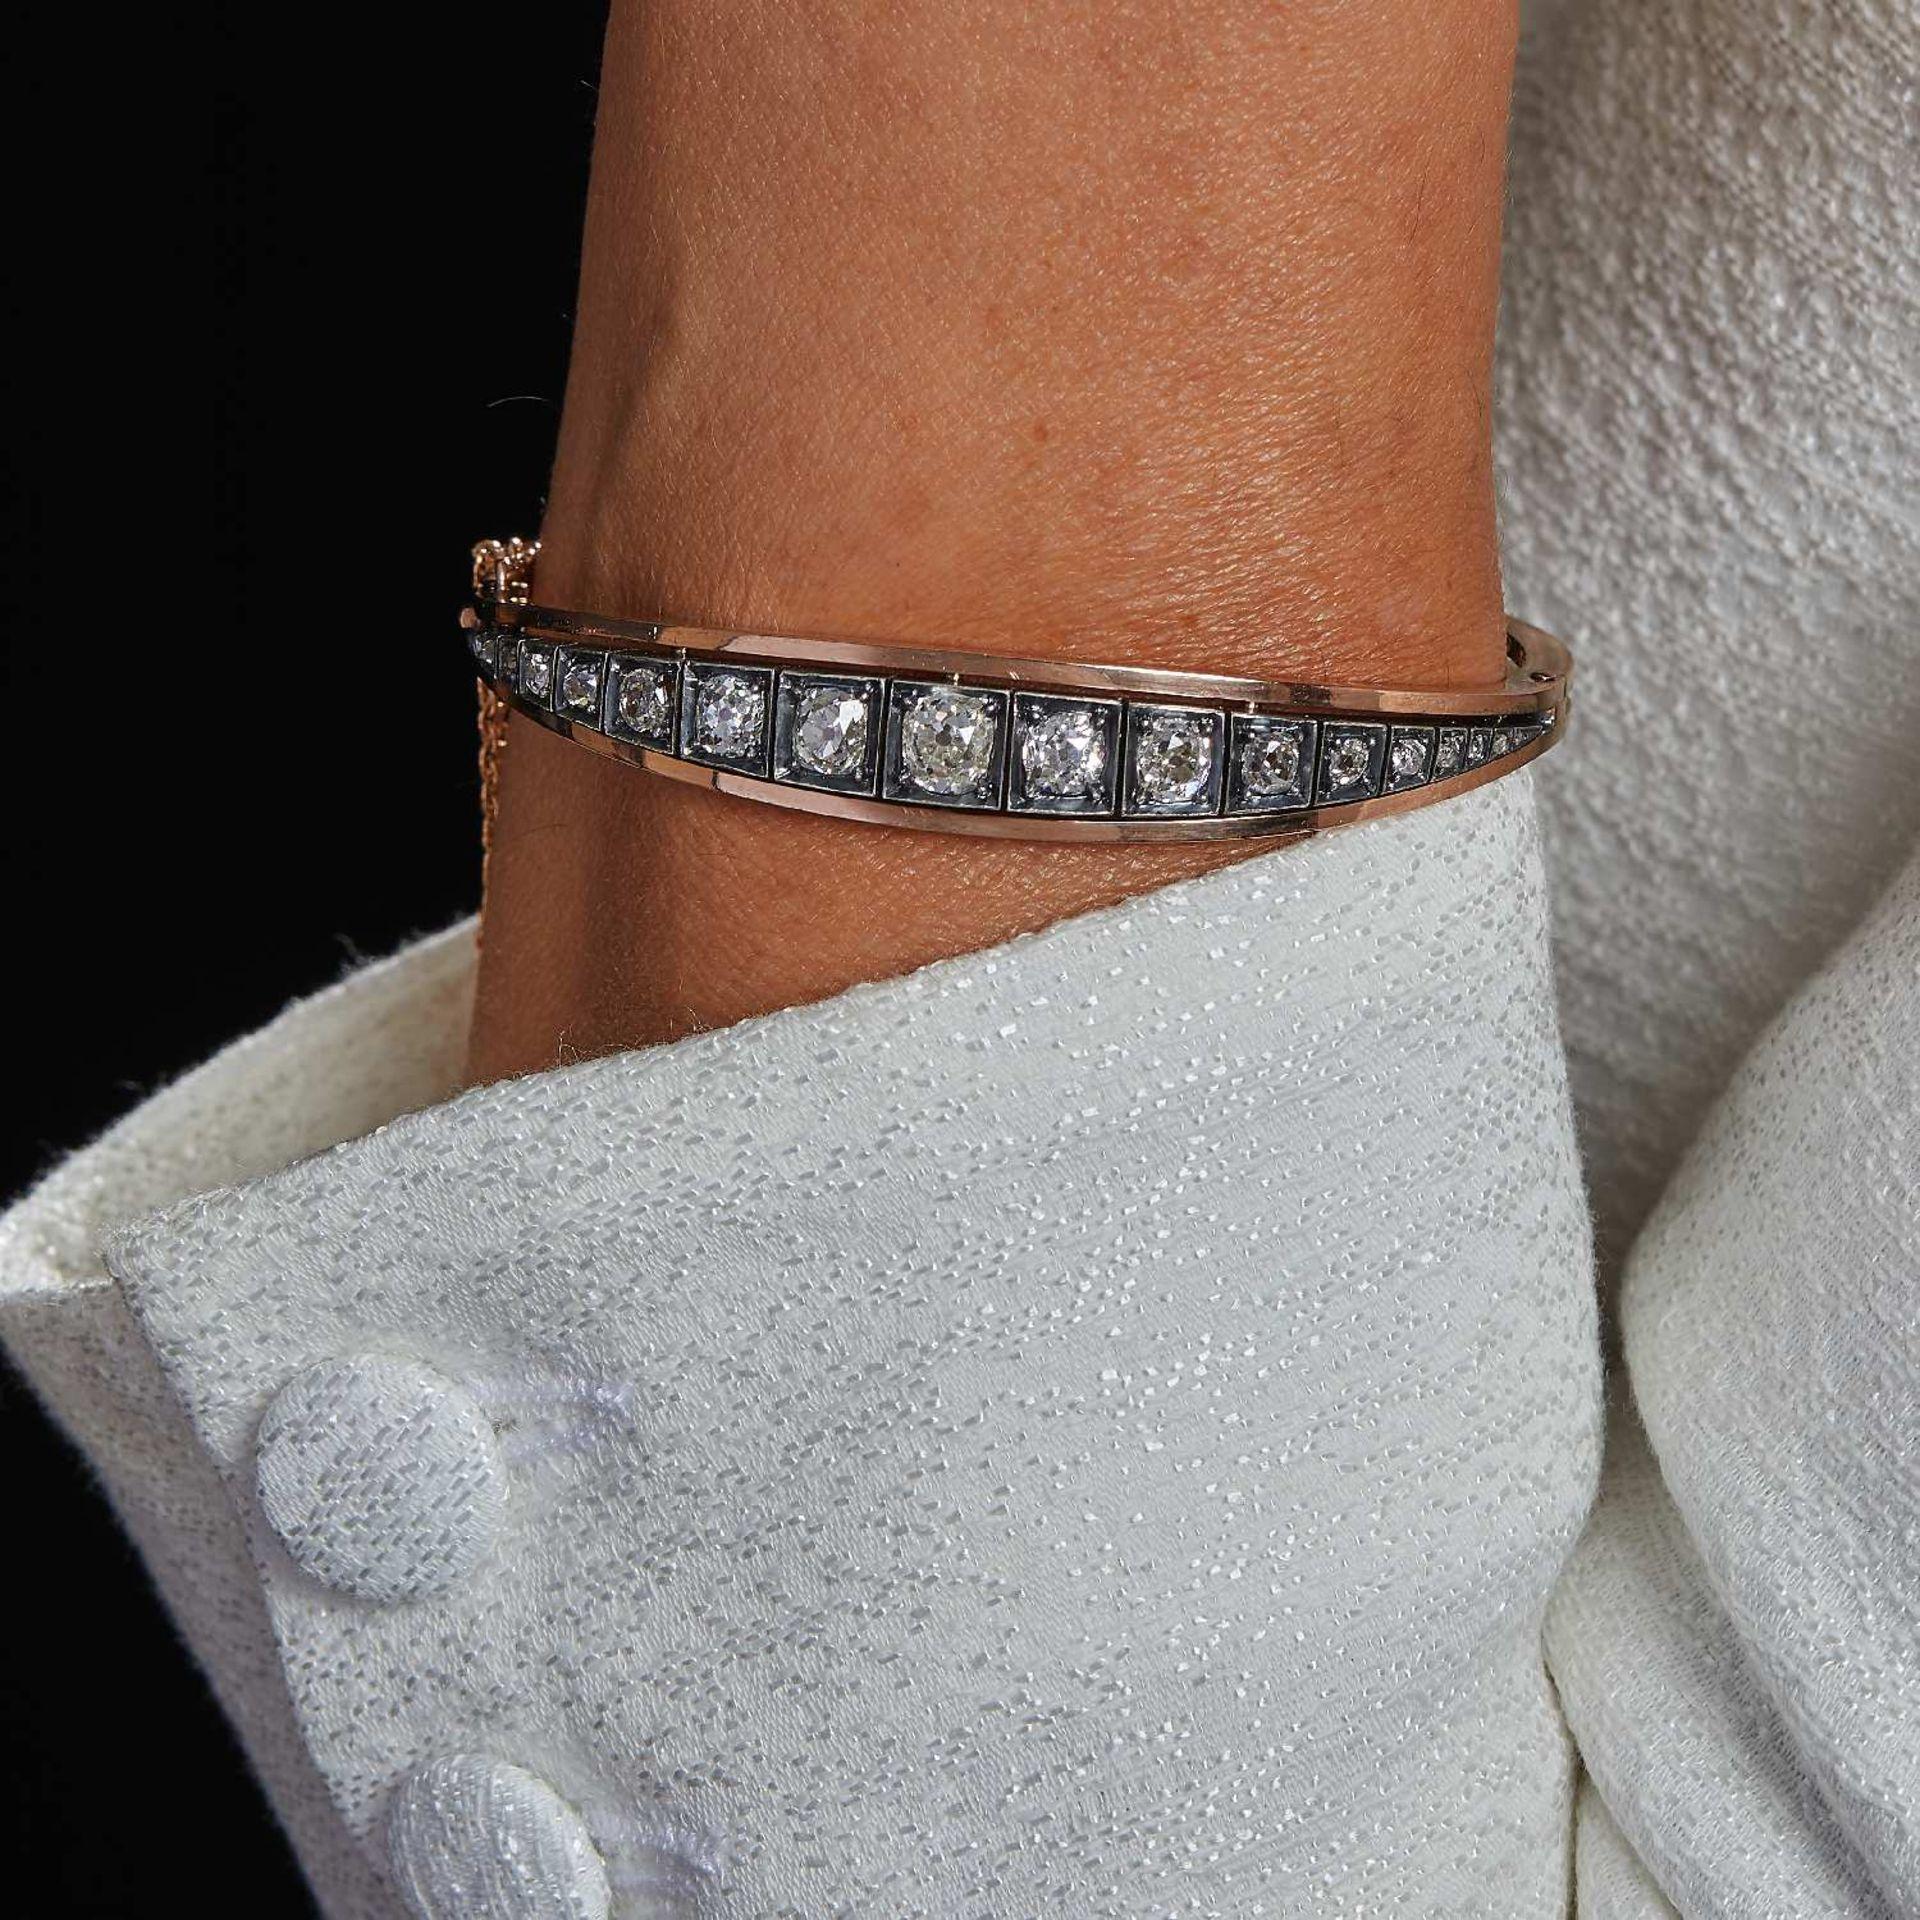 TRAVAIL FRANÇAIS ANNÉES 1880 BRACELET RIGIDE DIAMANTS Il porte une ligne de diamants taille brillant